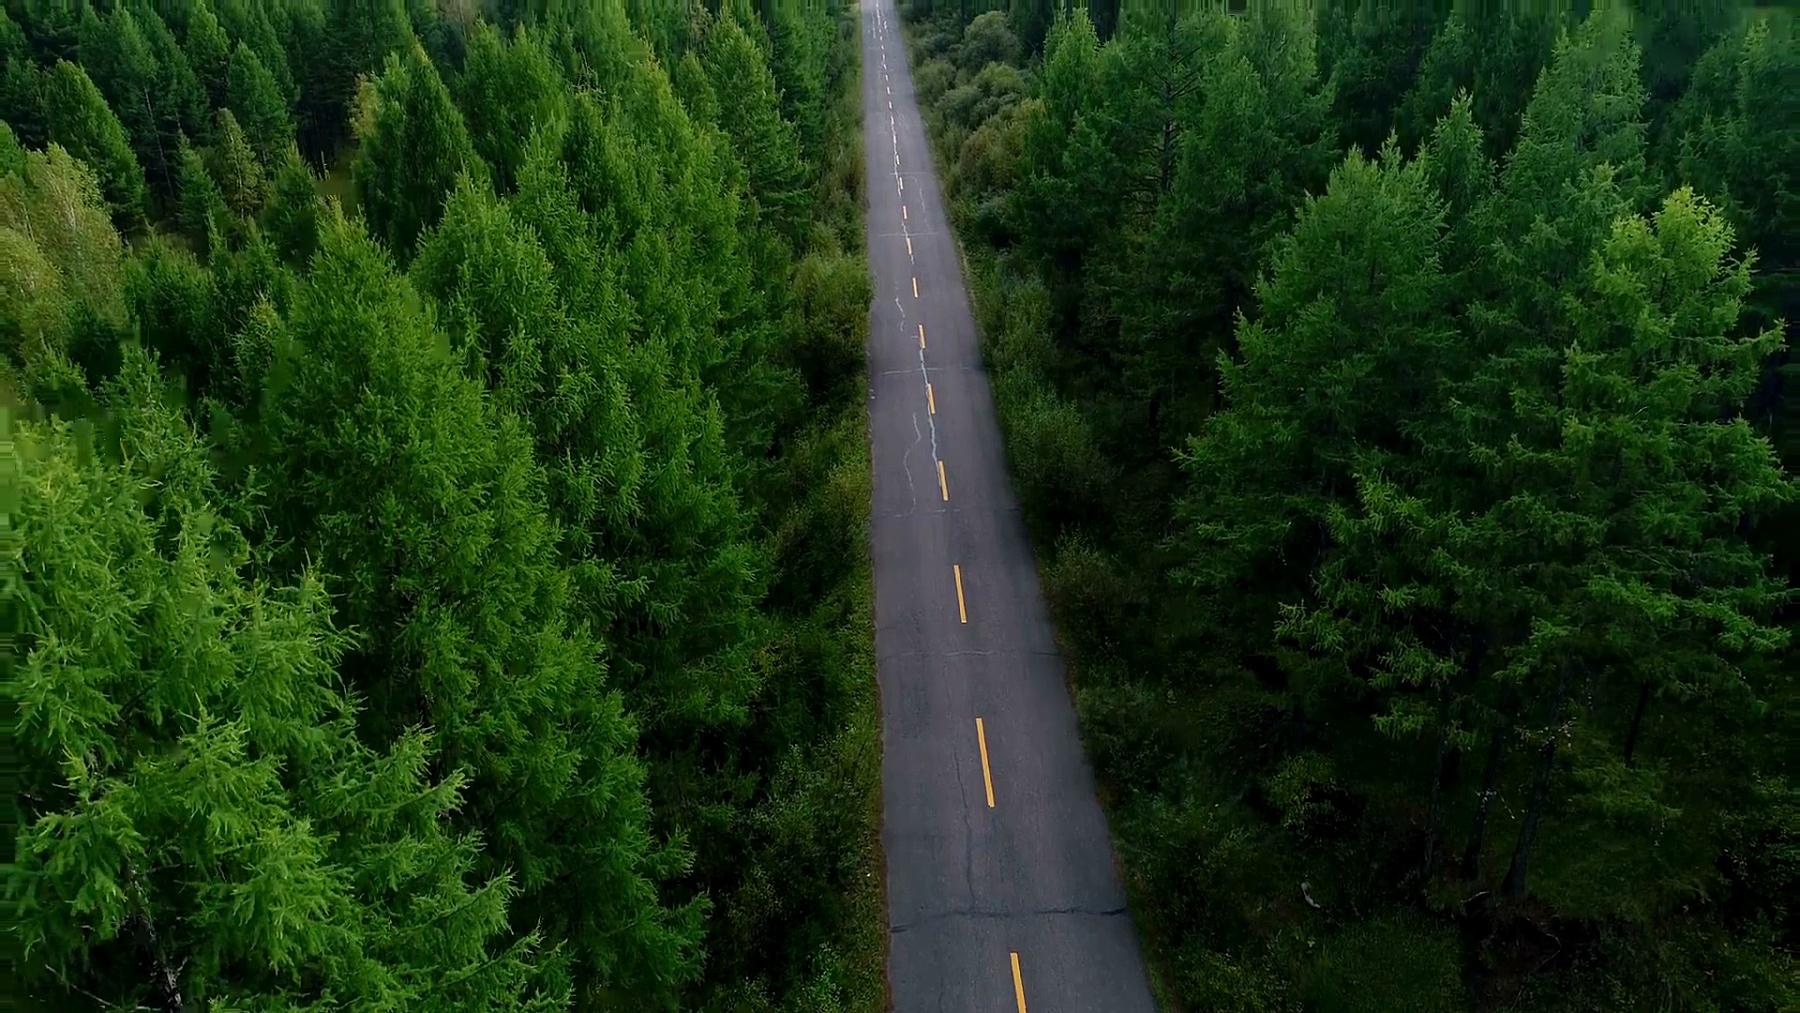 空中无人机镜头视图 从穿过秋天森林景观的小径中升起